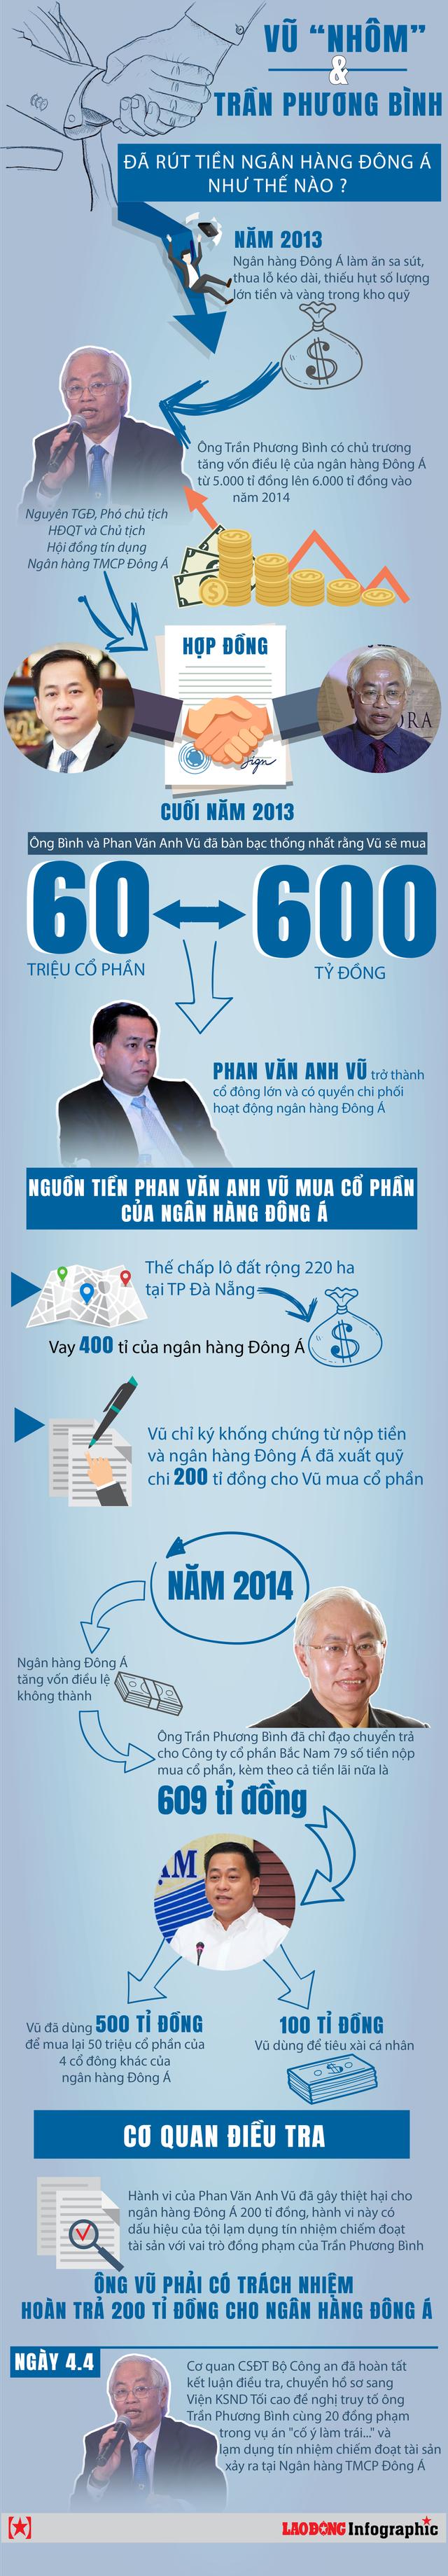 Infographic: Vũ Nhôm đã bắt tay với Trần Phương Bình rút tiền từ ngân hàng Đông Á thế nào? - Ảnh 1.